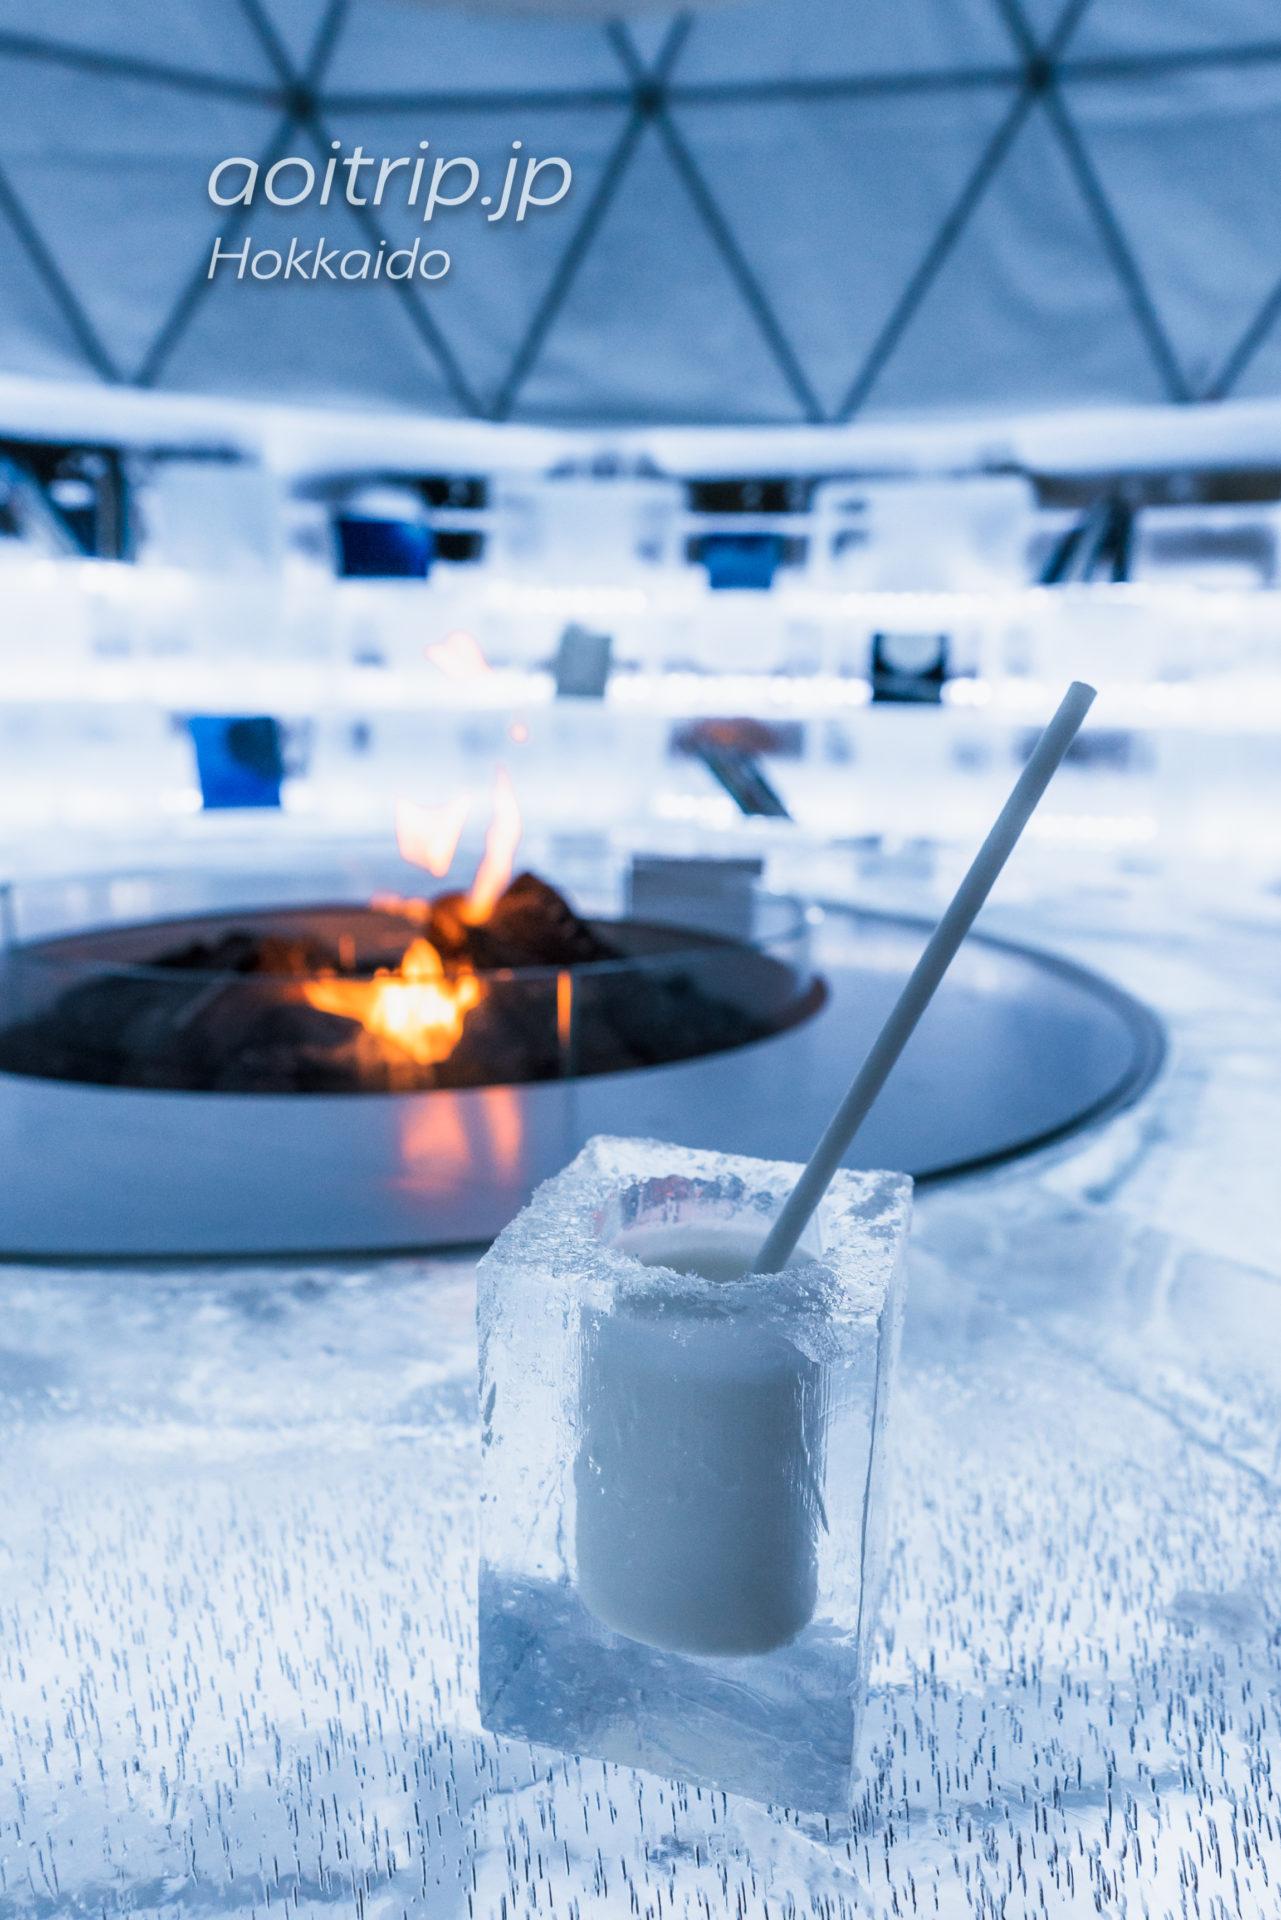 アイスヴィレッジの氷のMilk Cafe 氷のグラスのアイスミルク